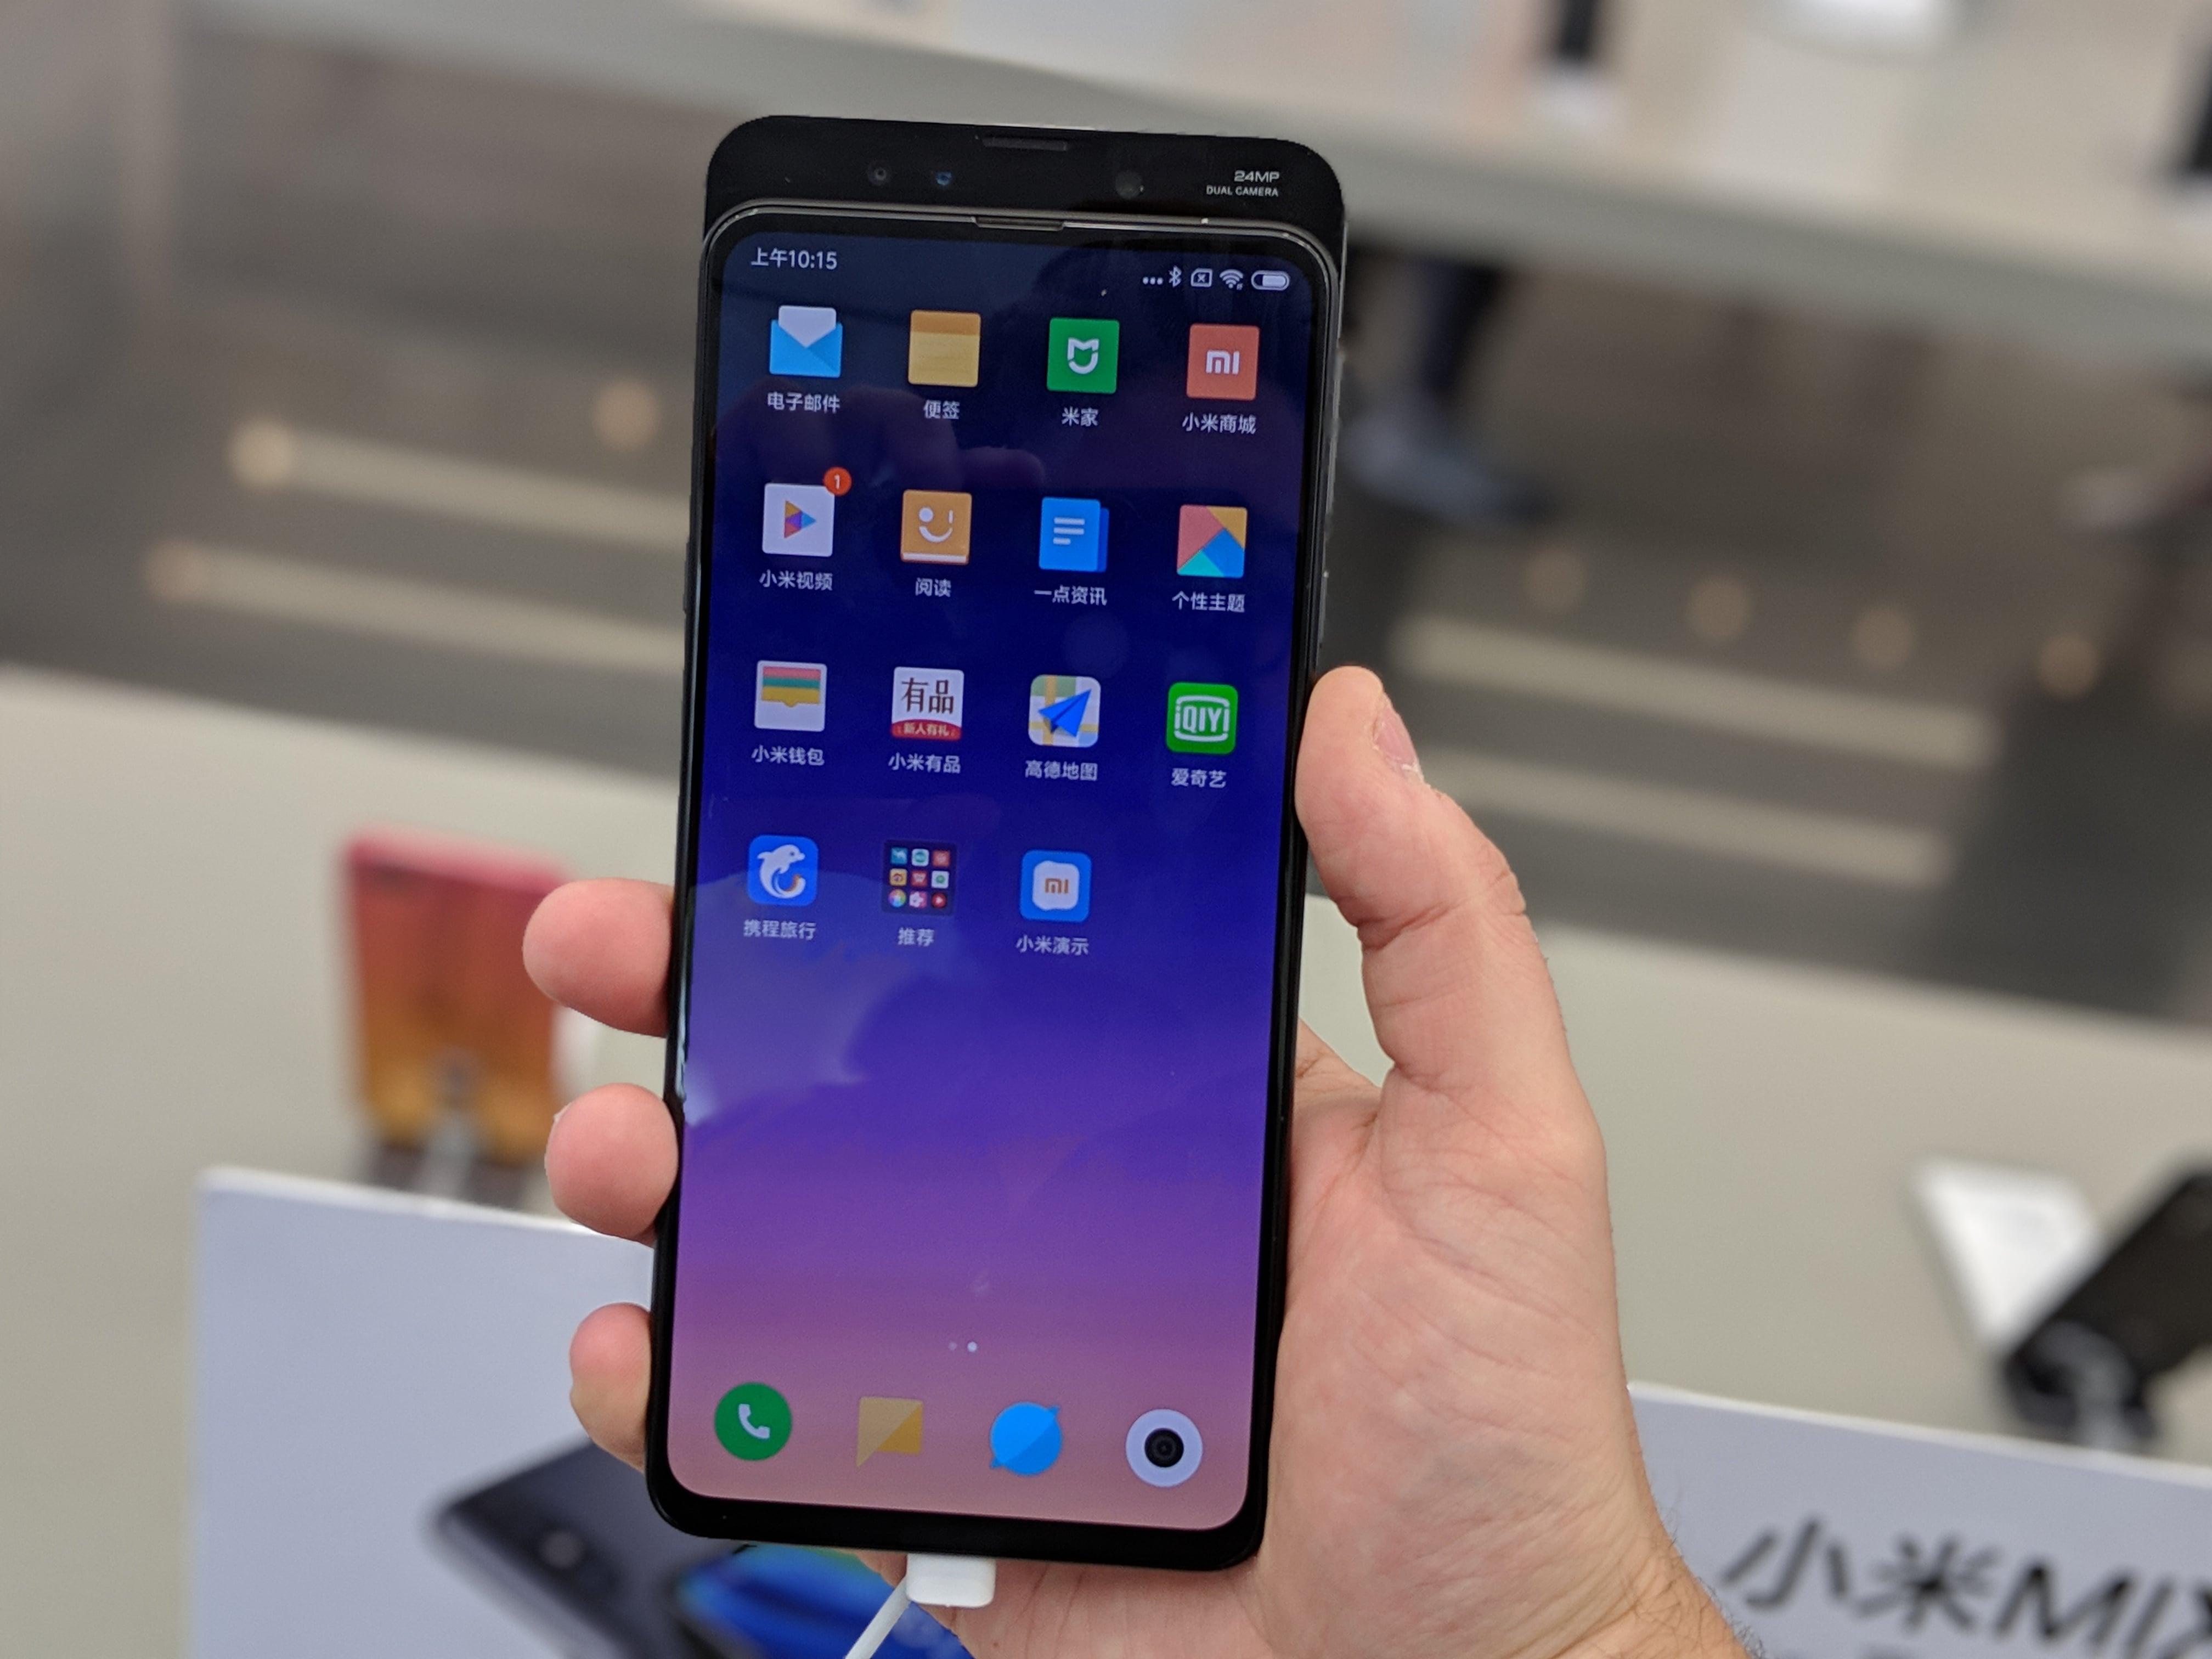 Xiaomi 5g revolution